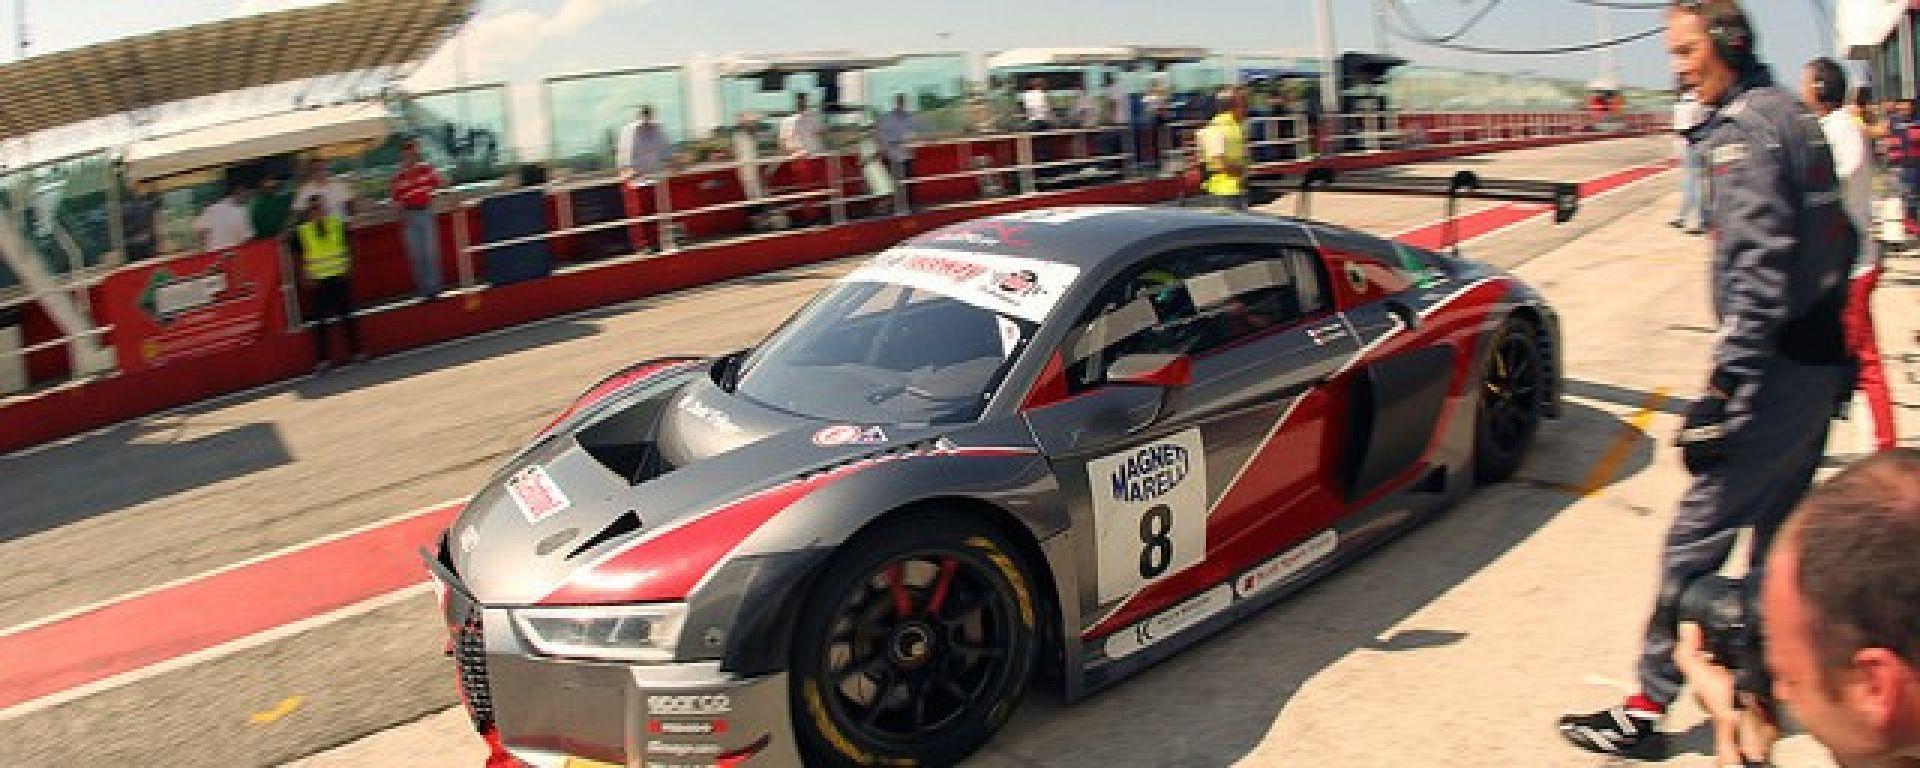 Campionato italiano GT, Misano, Gara 2: settimo posto per Audi Sport Italia